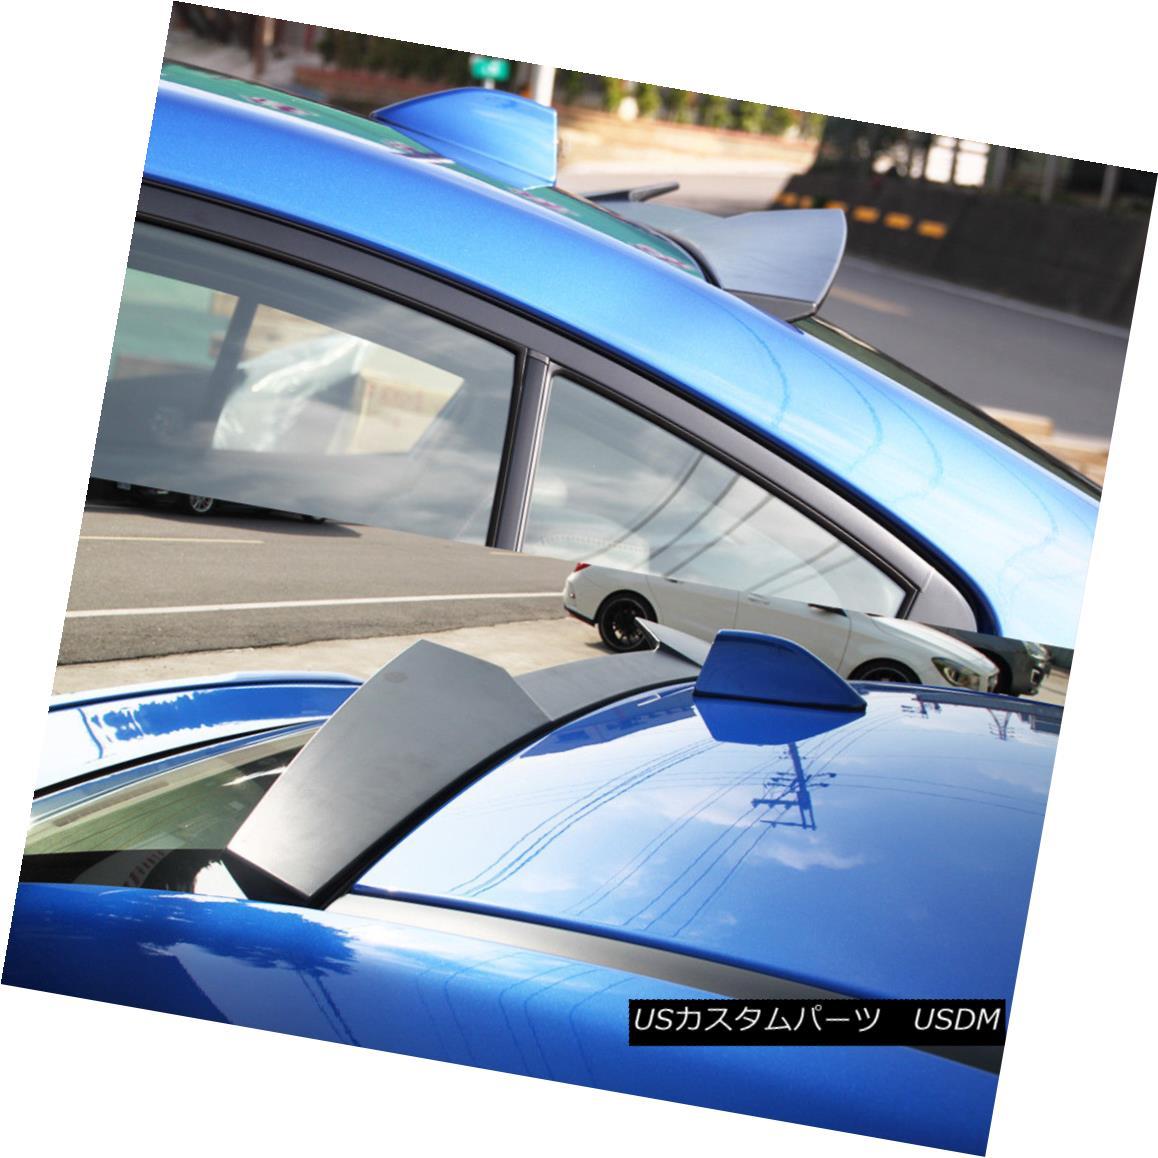 エアロパーツ For Subaru WRX 4th STI V High Style Unpainted Rear Roof Spoiler Wing Sedan ABS スバルWRX 4th STI Vハイスタイル未塗装リアールーフスポイラーウイングセダンABS